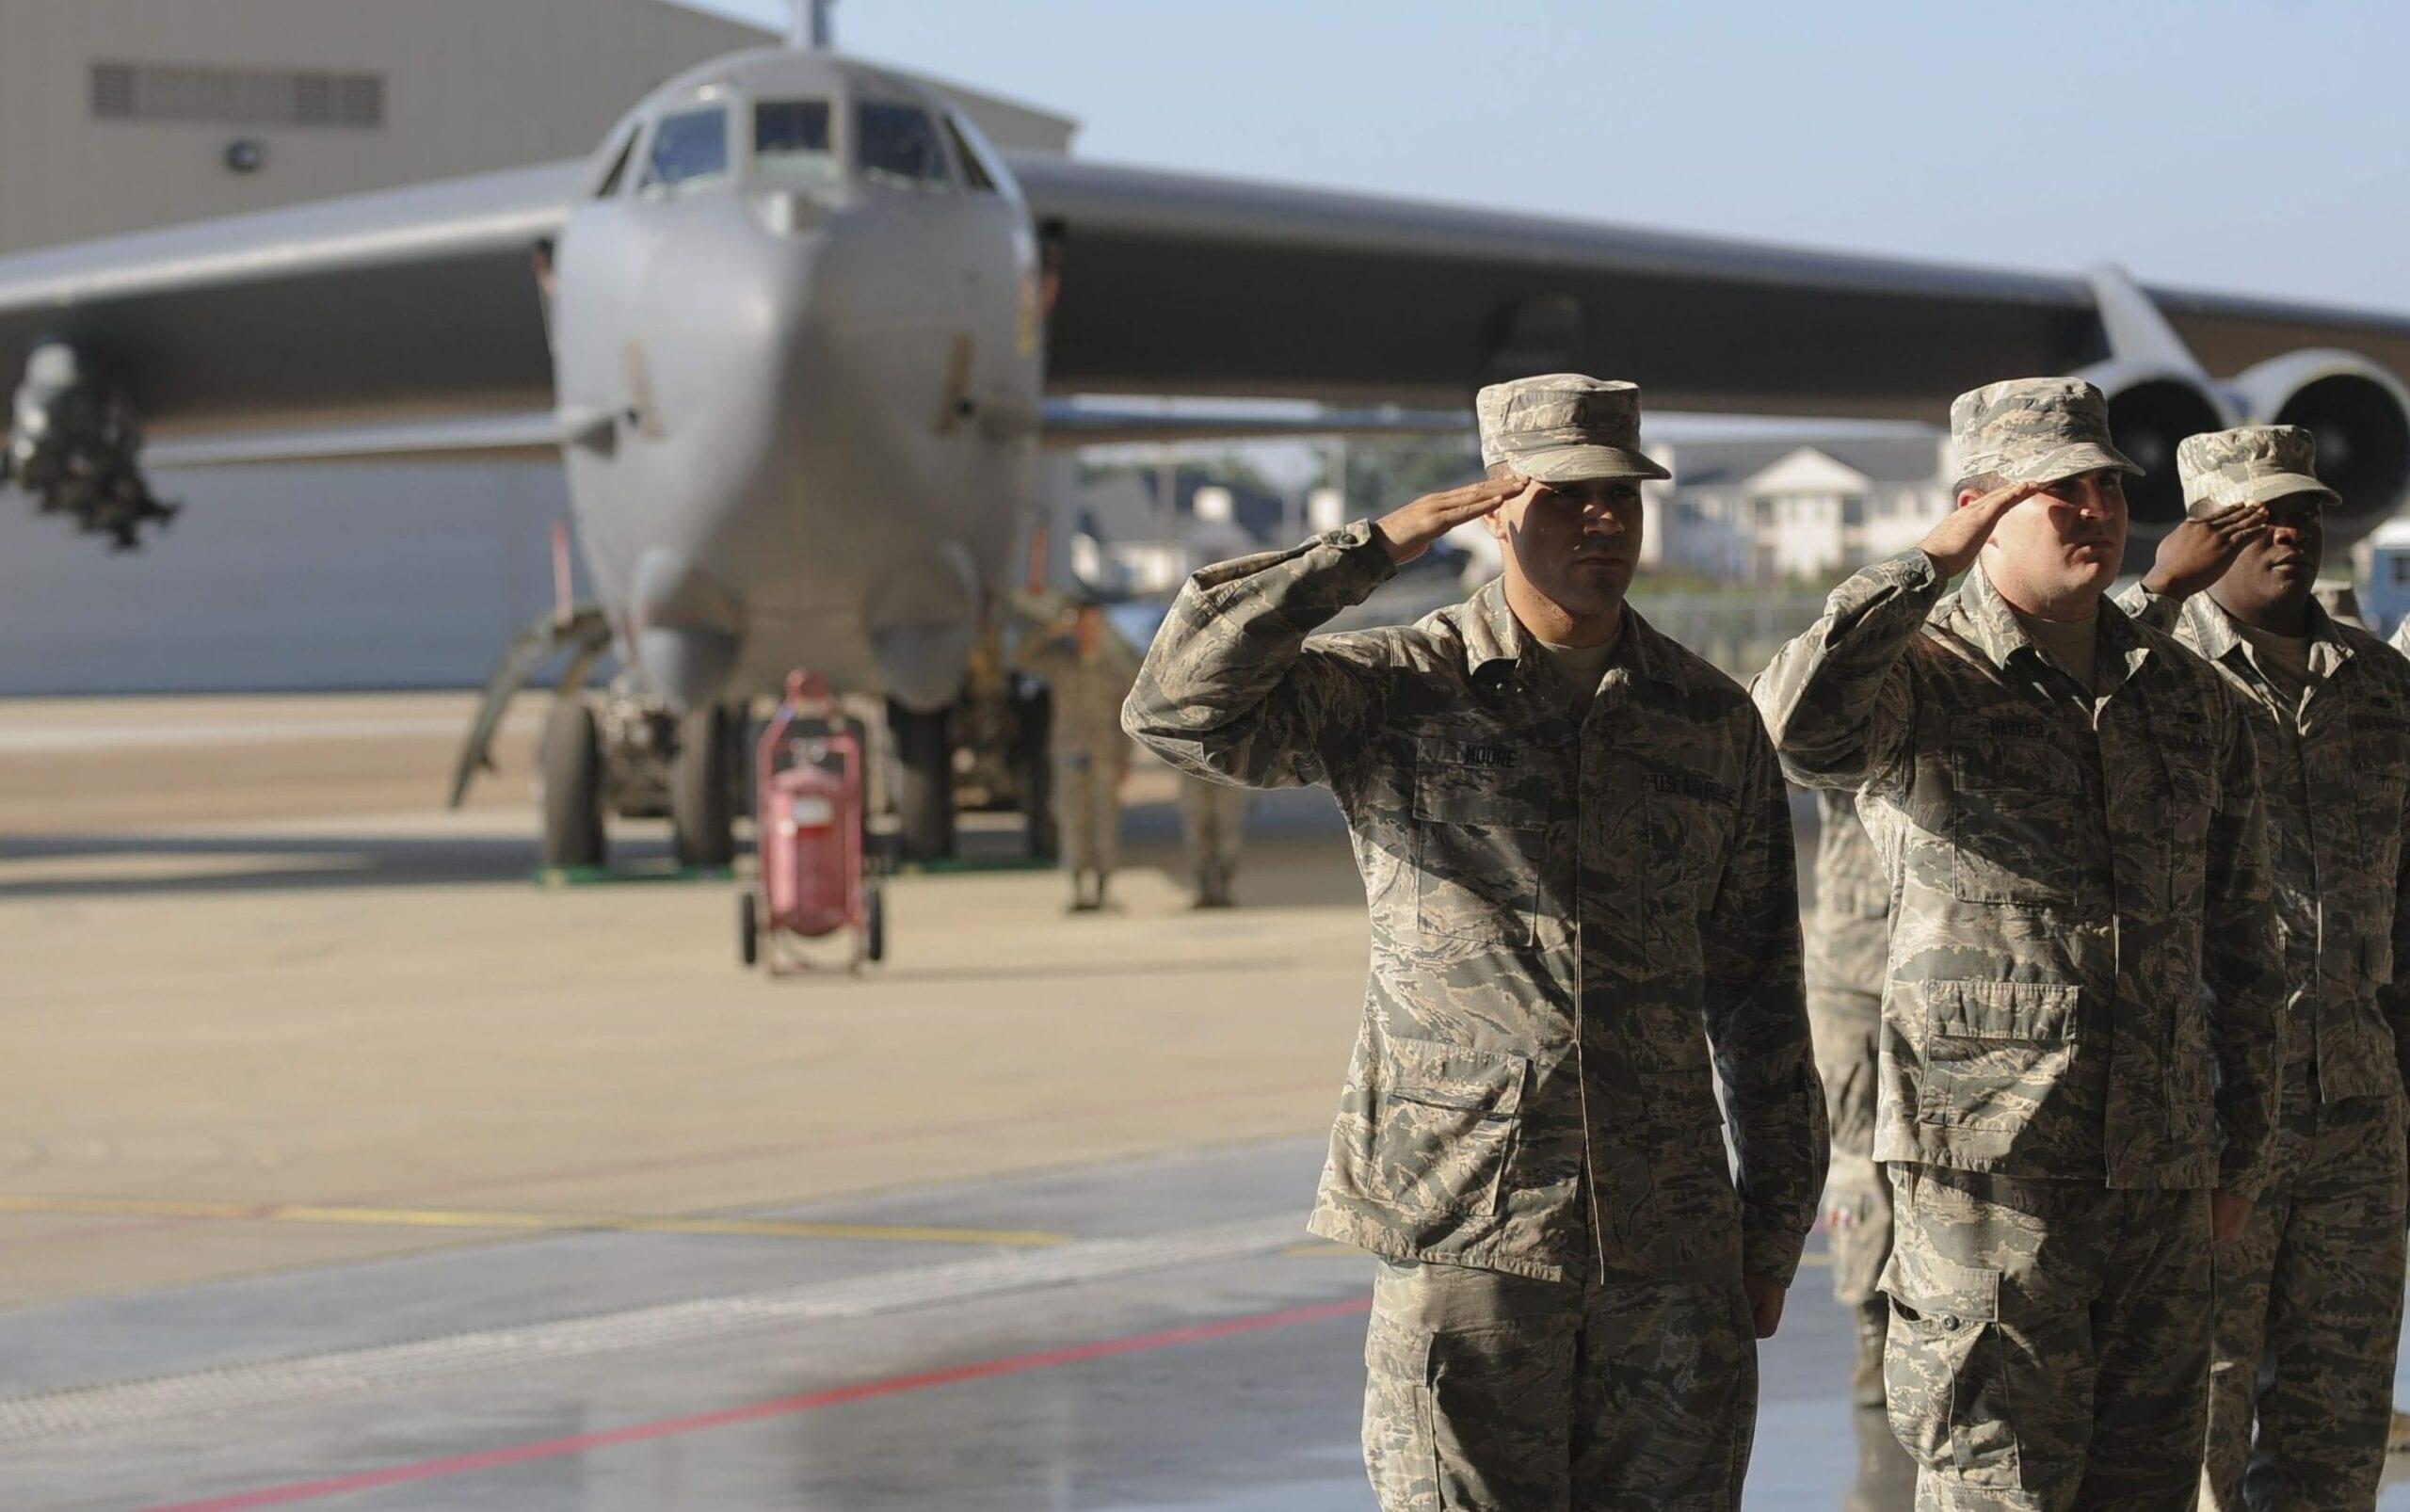 معضلة الجو: استراتيجية مواجهة التفوق الجوي - تقييم القوة الجوية المعادية 1